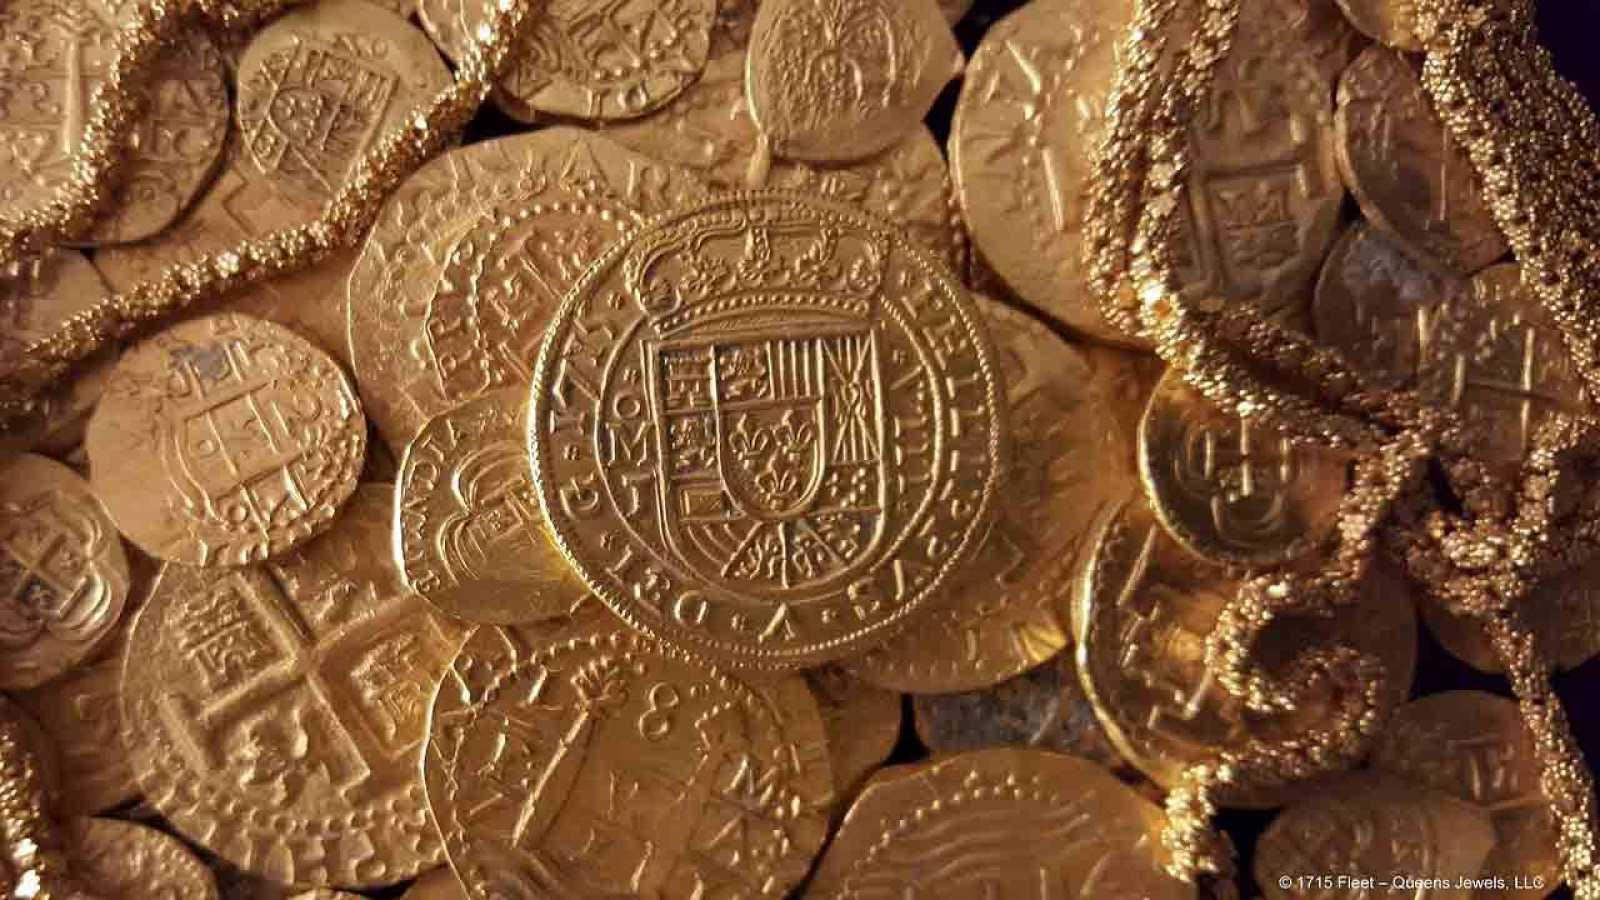 Vista de las monedas y el cordón de oro encontrado entre los restos del barco español hundido en 1715